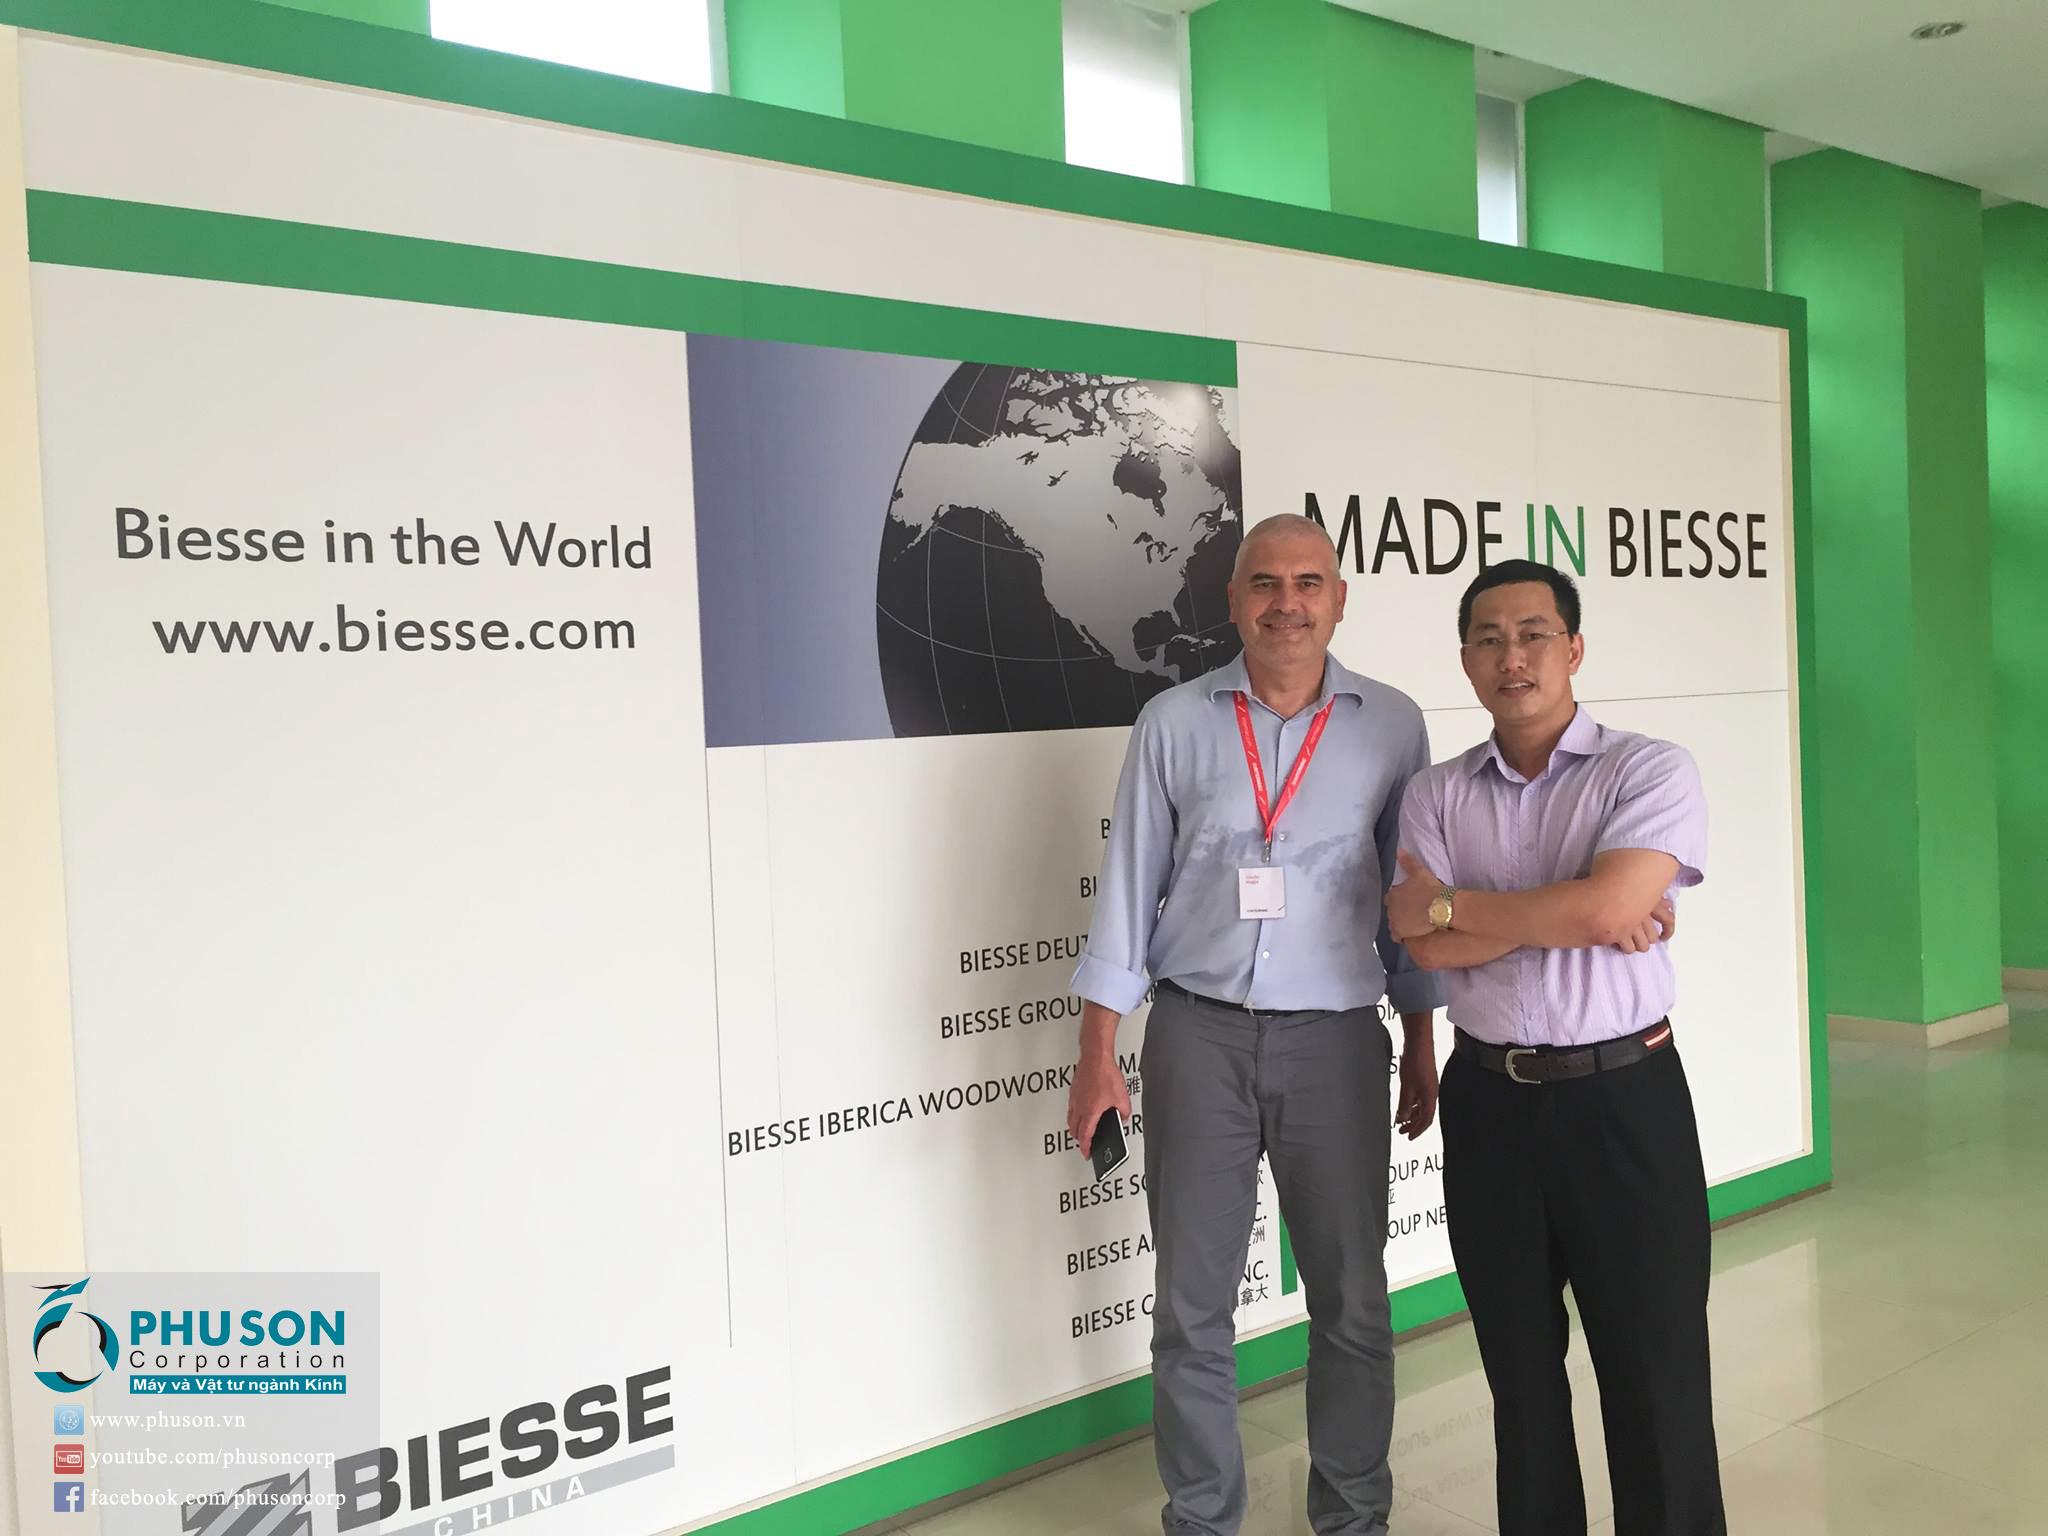 Chuyến thăm nhà máy INTERMAC – BIESSE Group Italy tại Trung Quốc của PHU SON Corporation